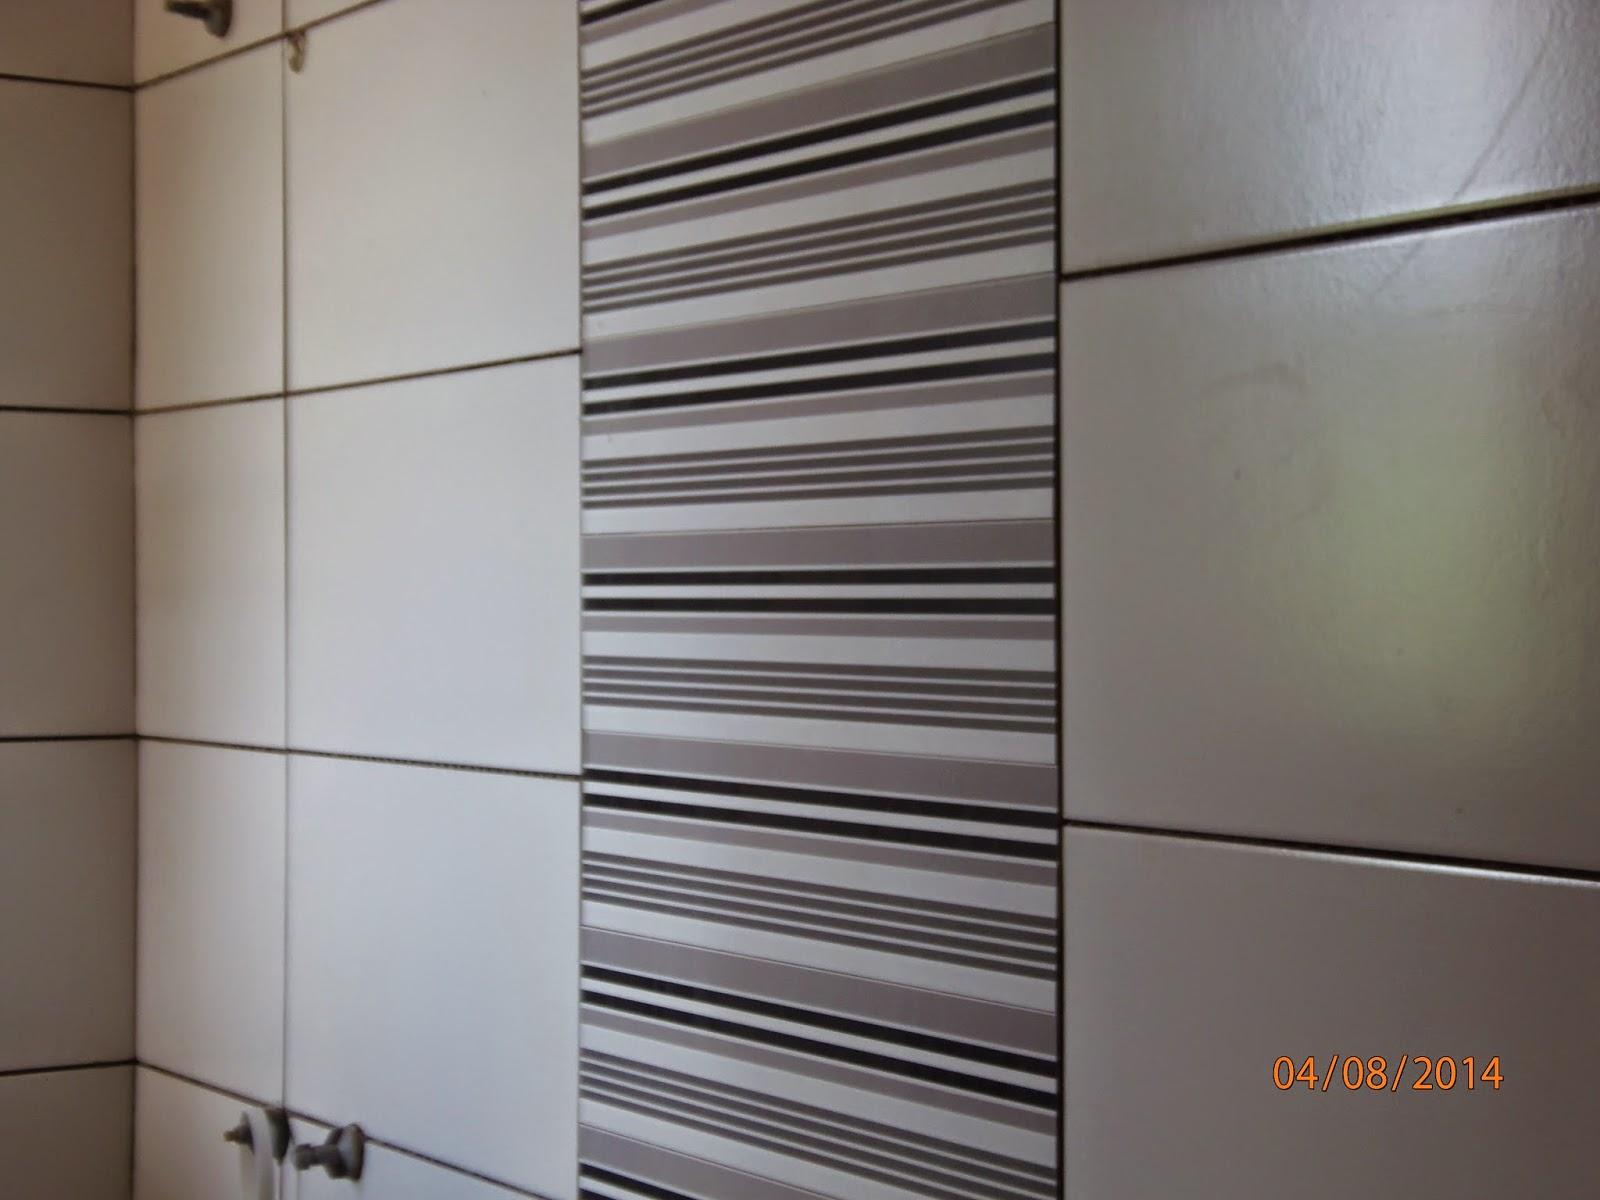 Detalhe da faixa que fica atrás do caso sanitário.Esqueci de #5C4F46 1600x1200 Banheiro Branco Com Rejunte Escuro